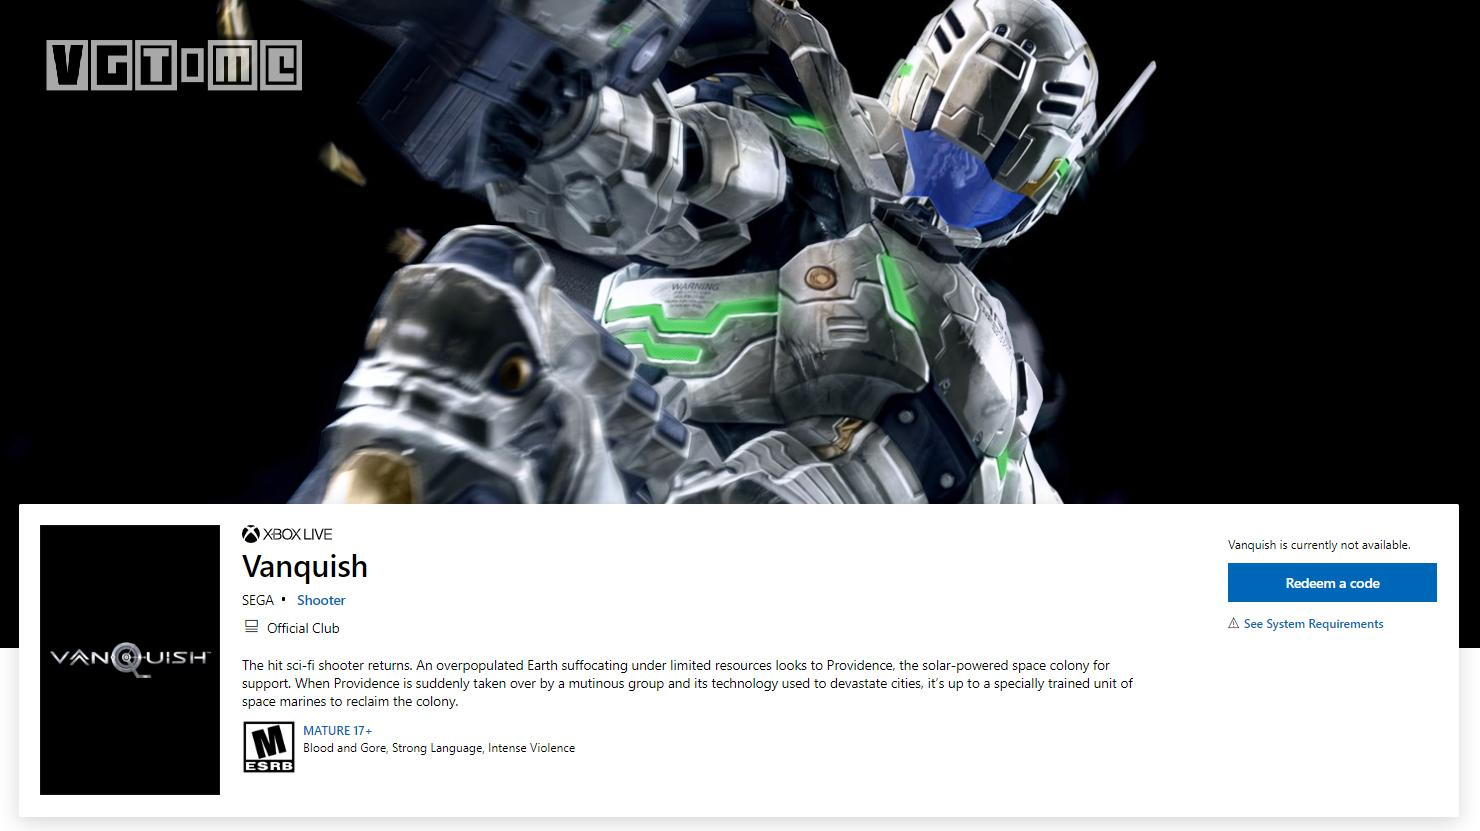 三上真司《征服》高清版现身Xbox商店 支持4K/60帧